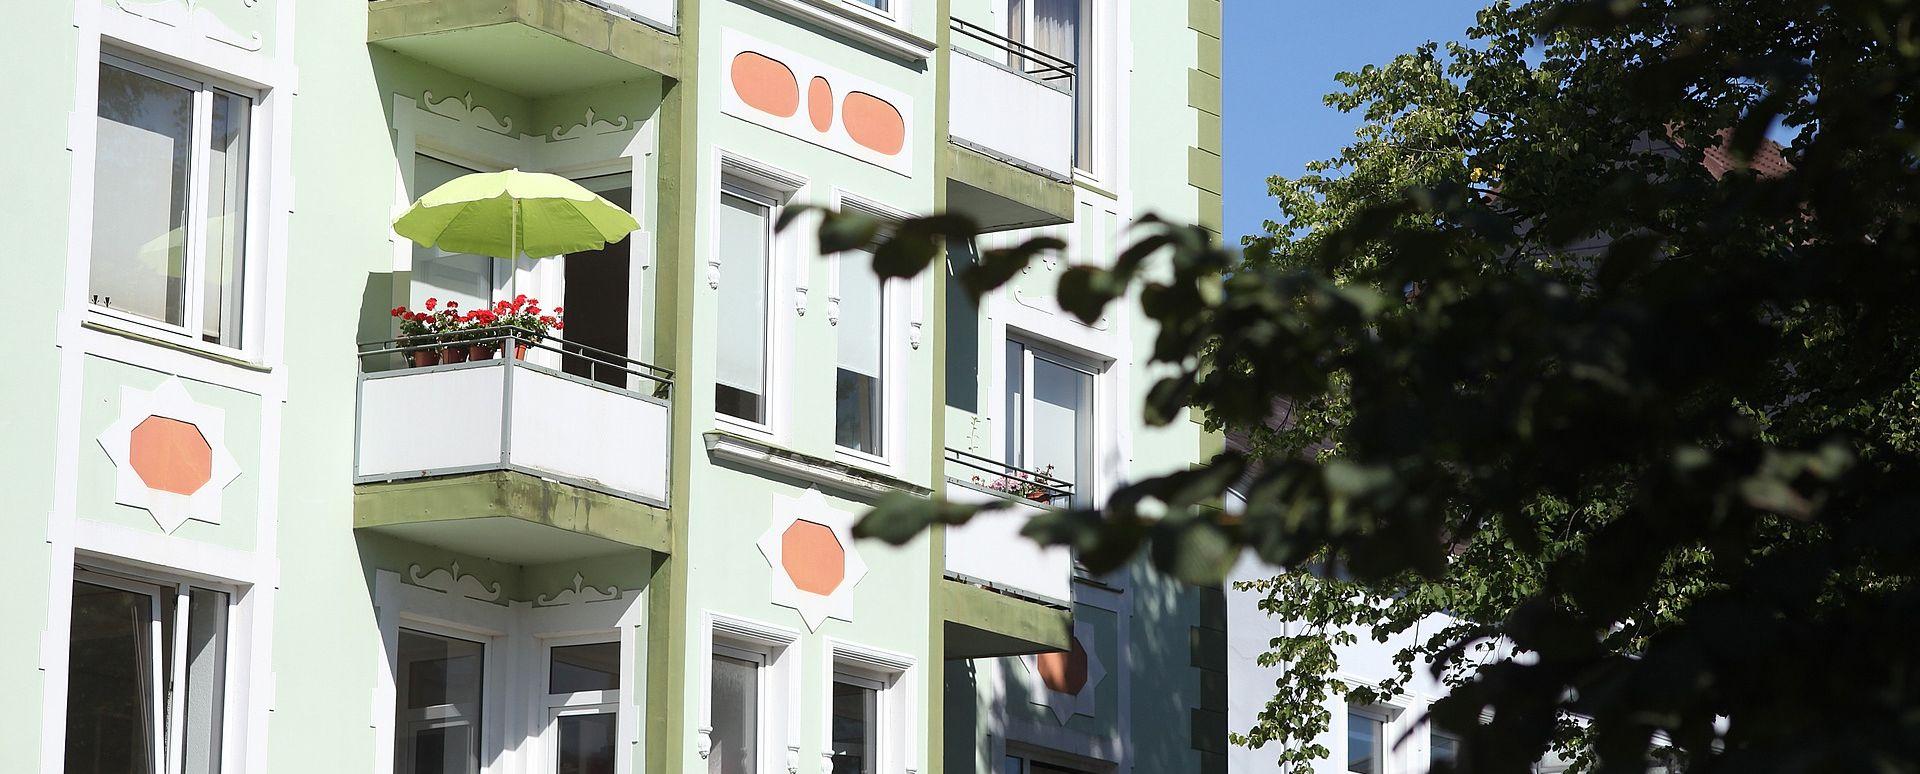 Kazna za sunčanje na balkonu bez odjeće iznosi i do 750 kuna